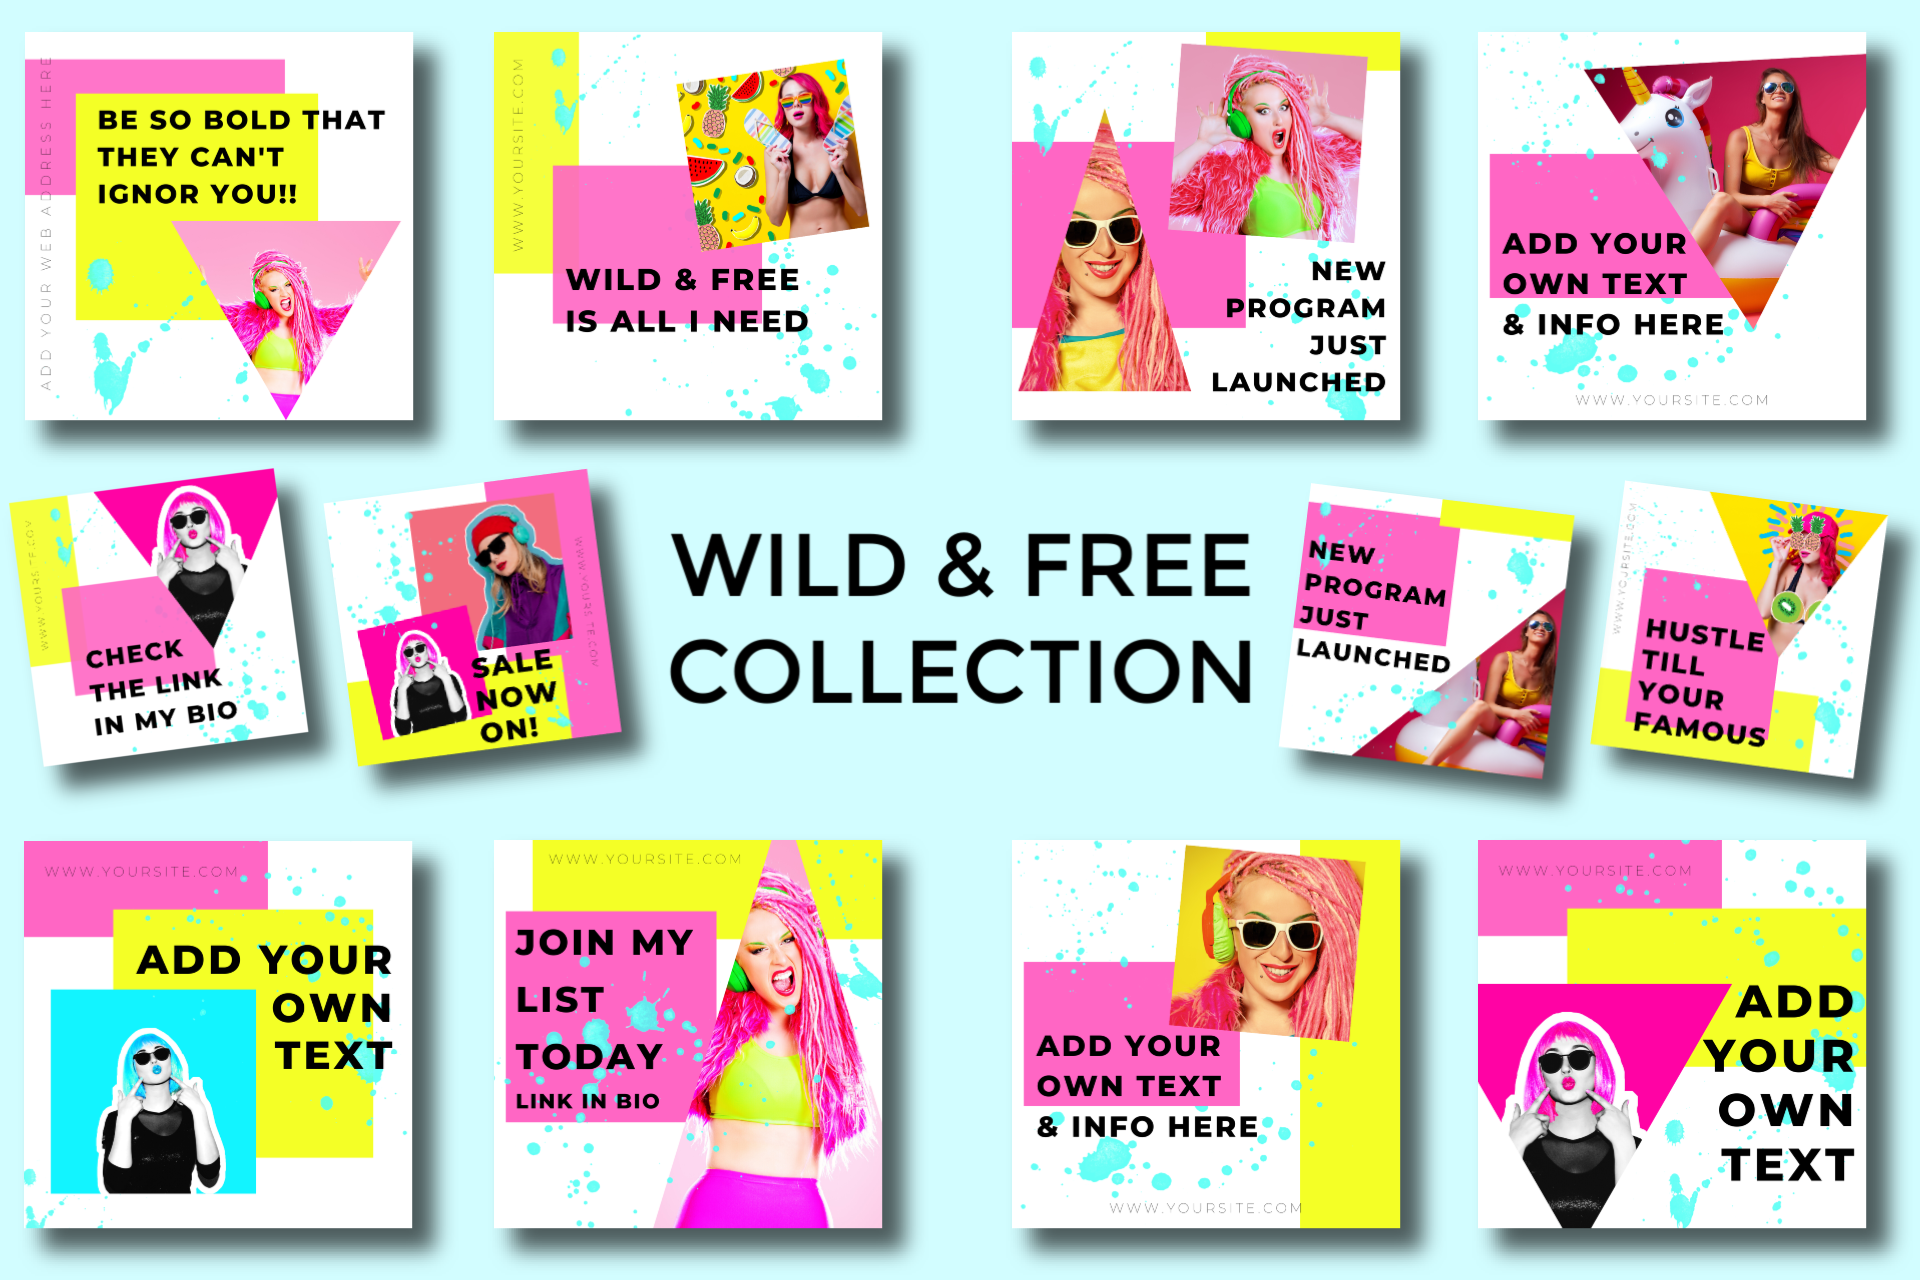 Wild & Free - Canva Ready Social Media Templates 8